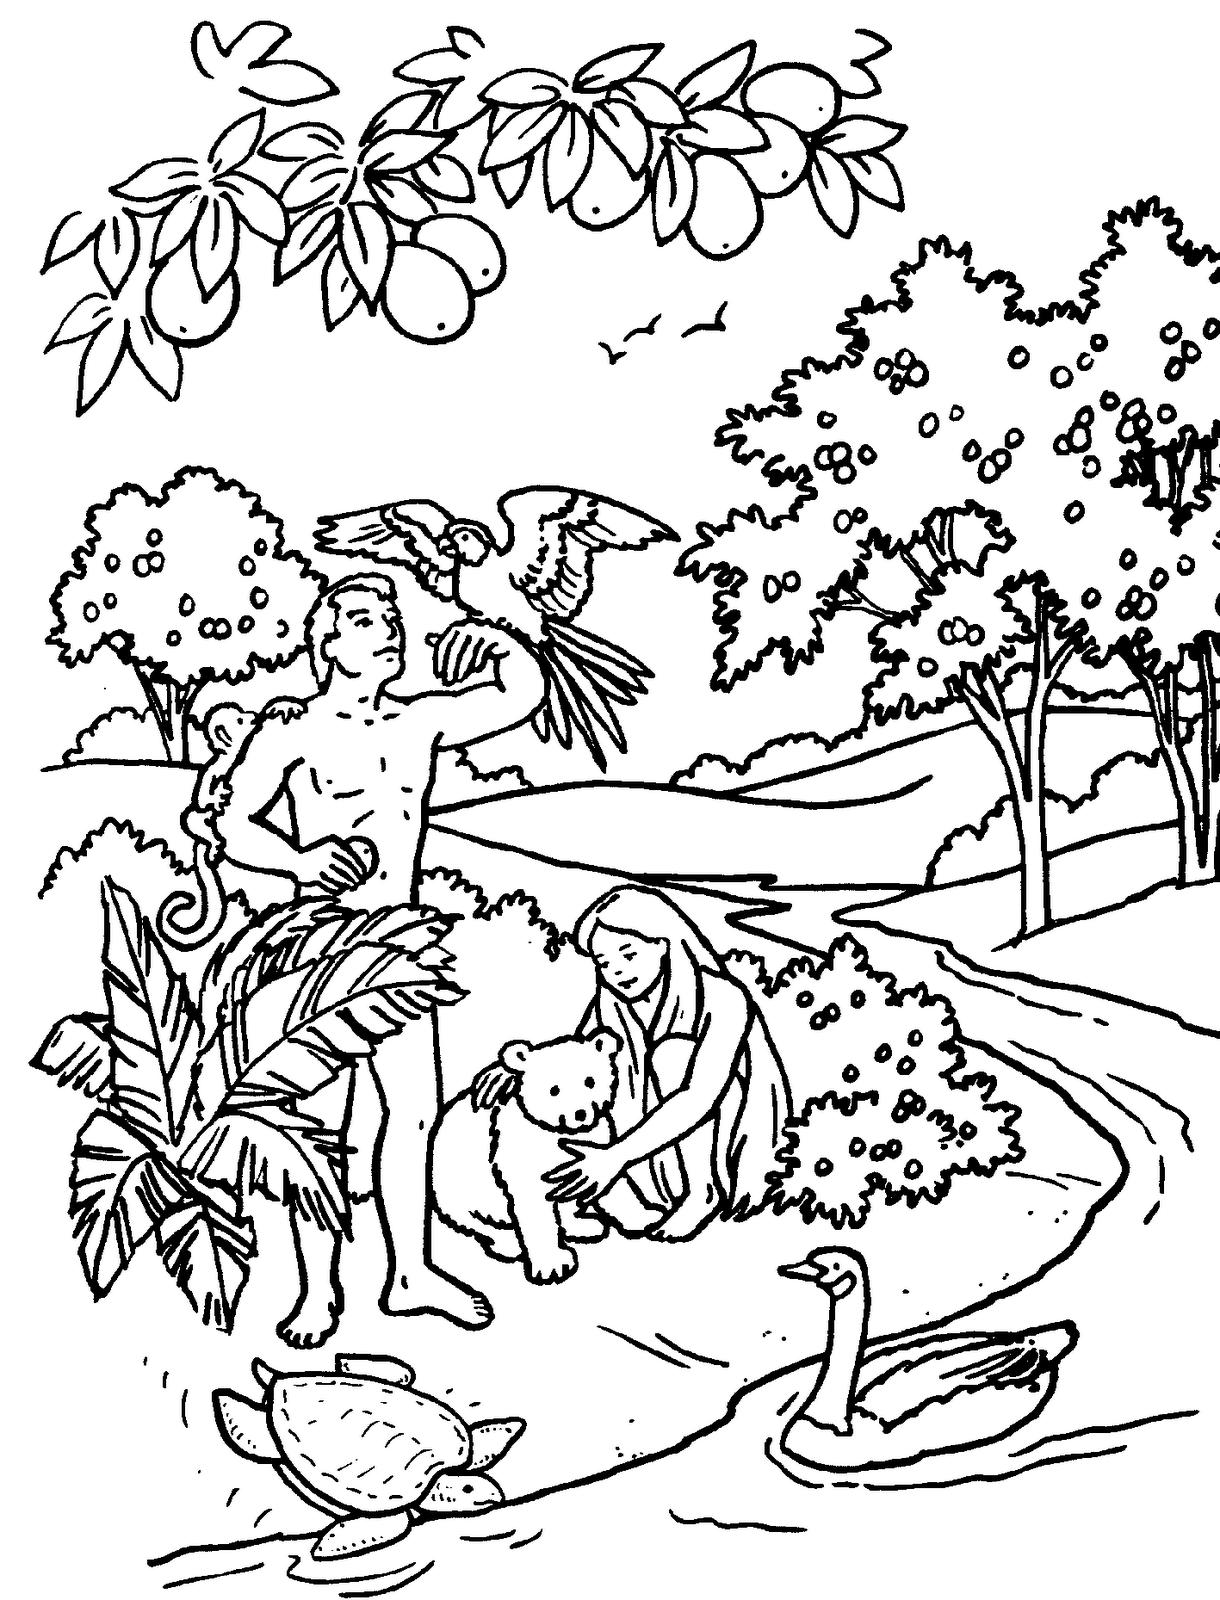 dibujos para colorear y coloreado de ad n y eva en el